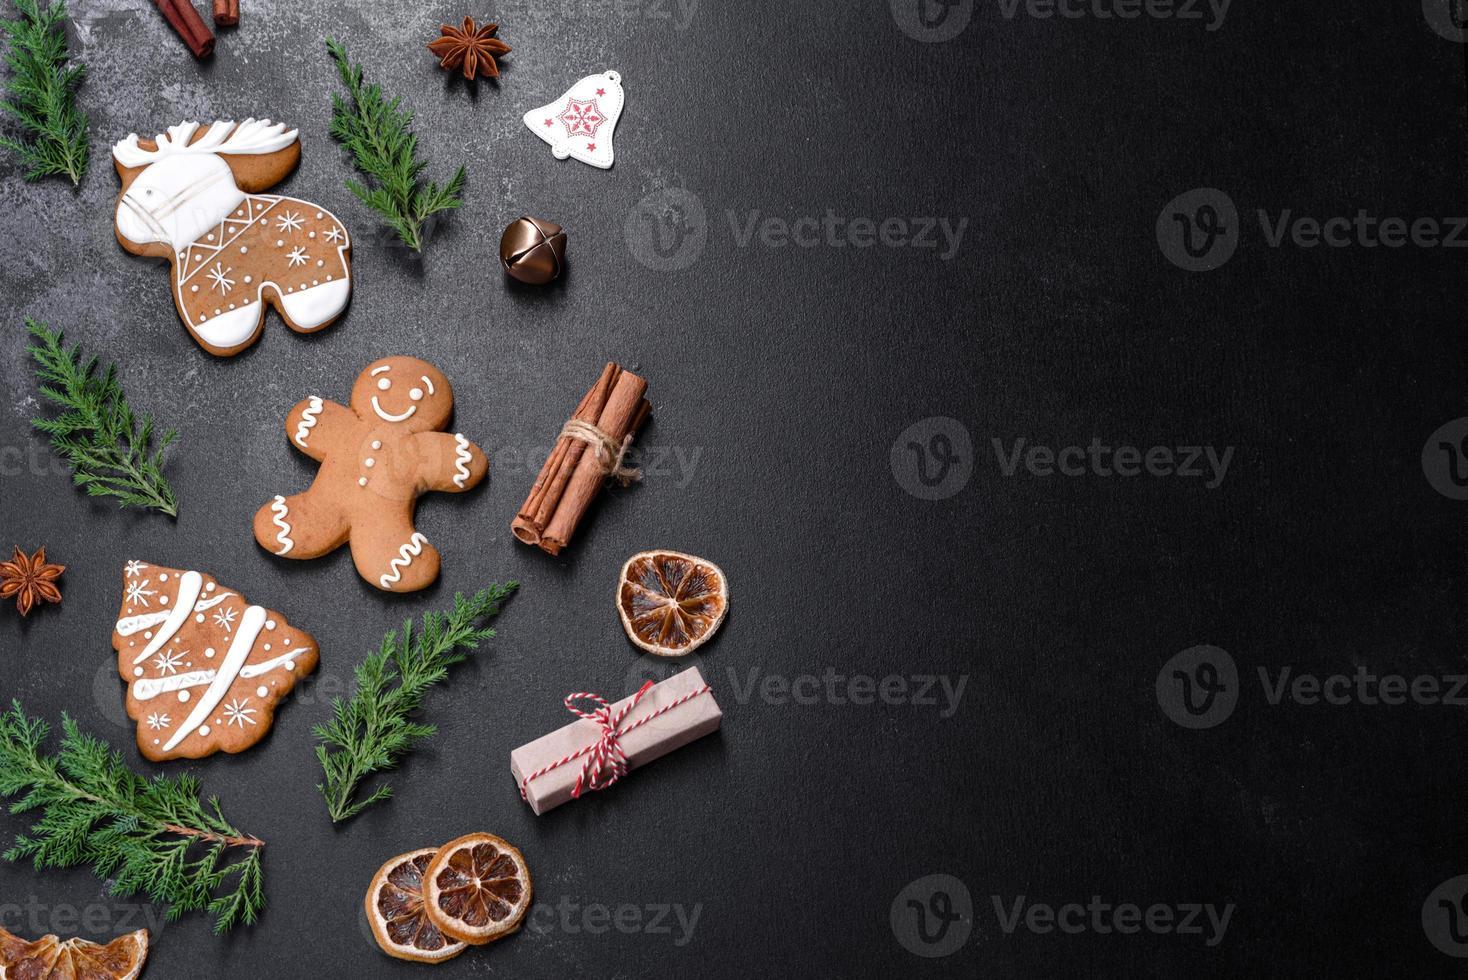 julfestliga pepparkakor gjorda hemma på ett mörkt bord foto